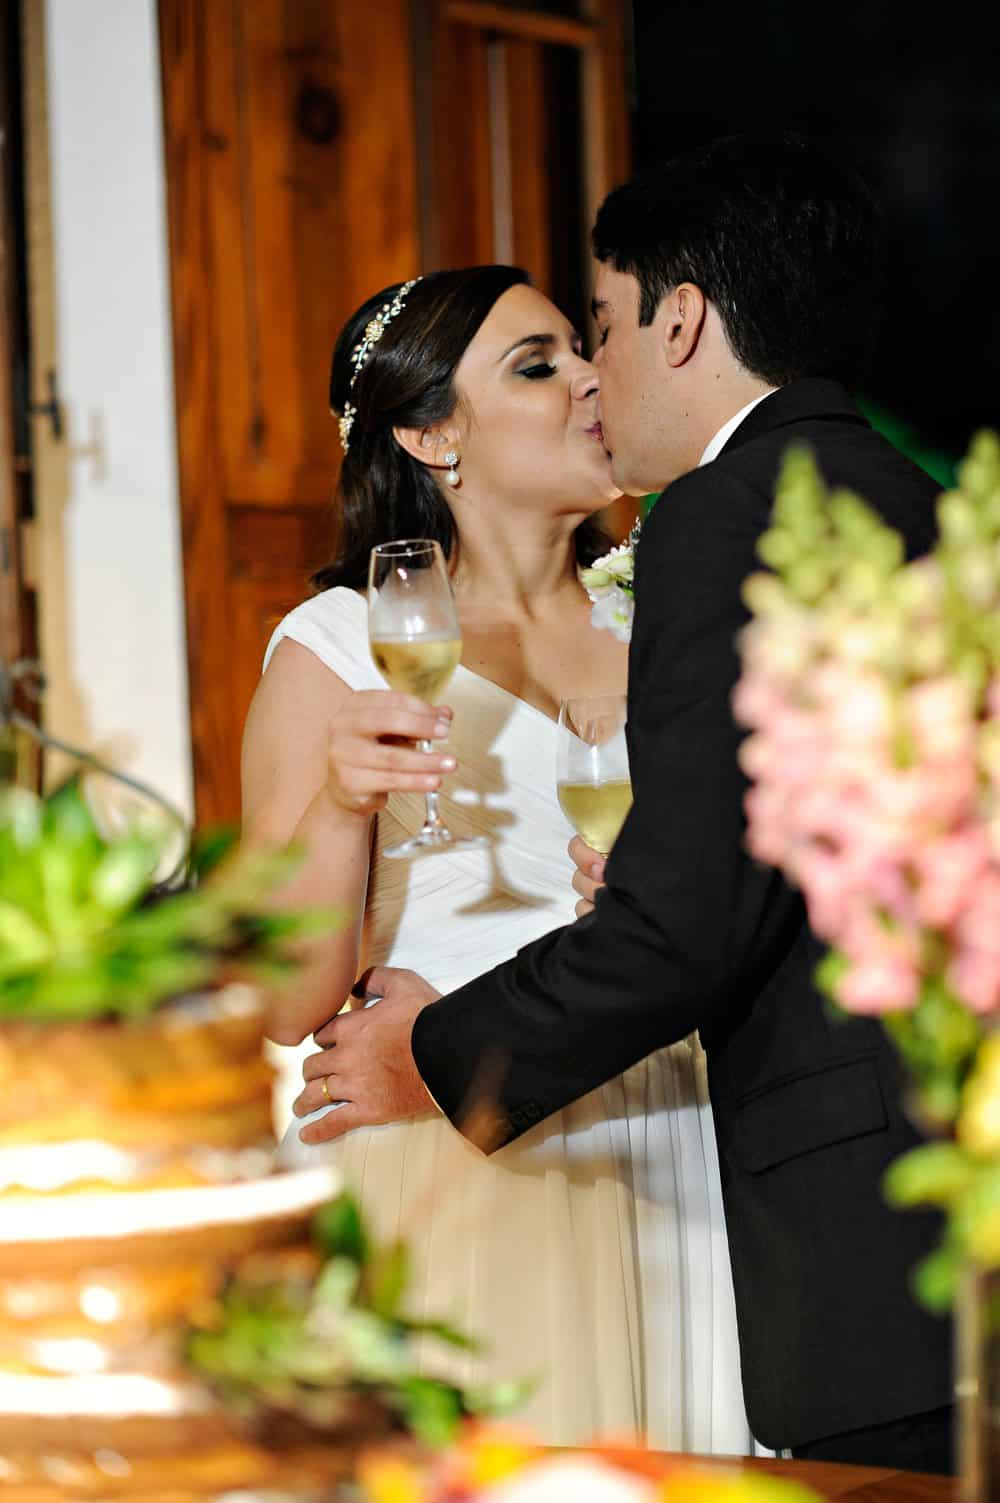 casamento-real-mariana-e-vinicius-caseme-9-1